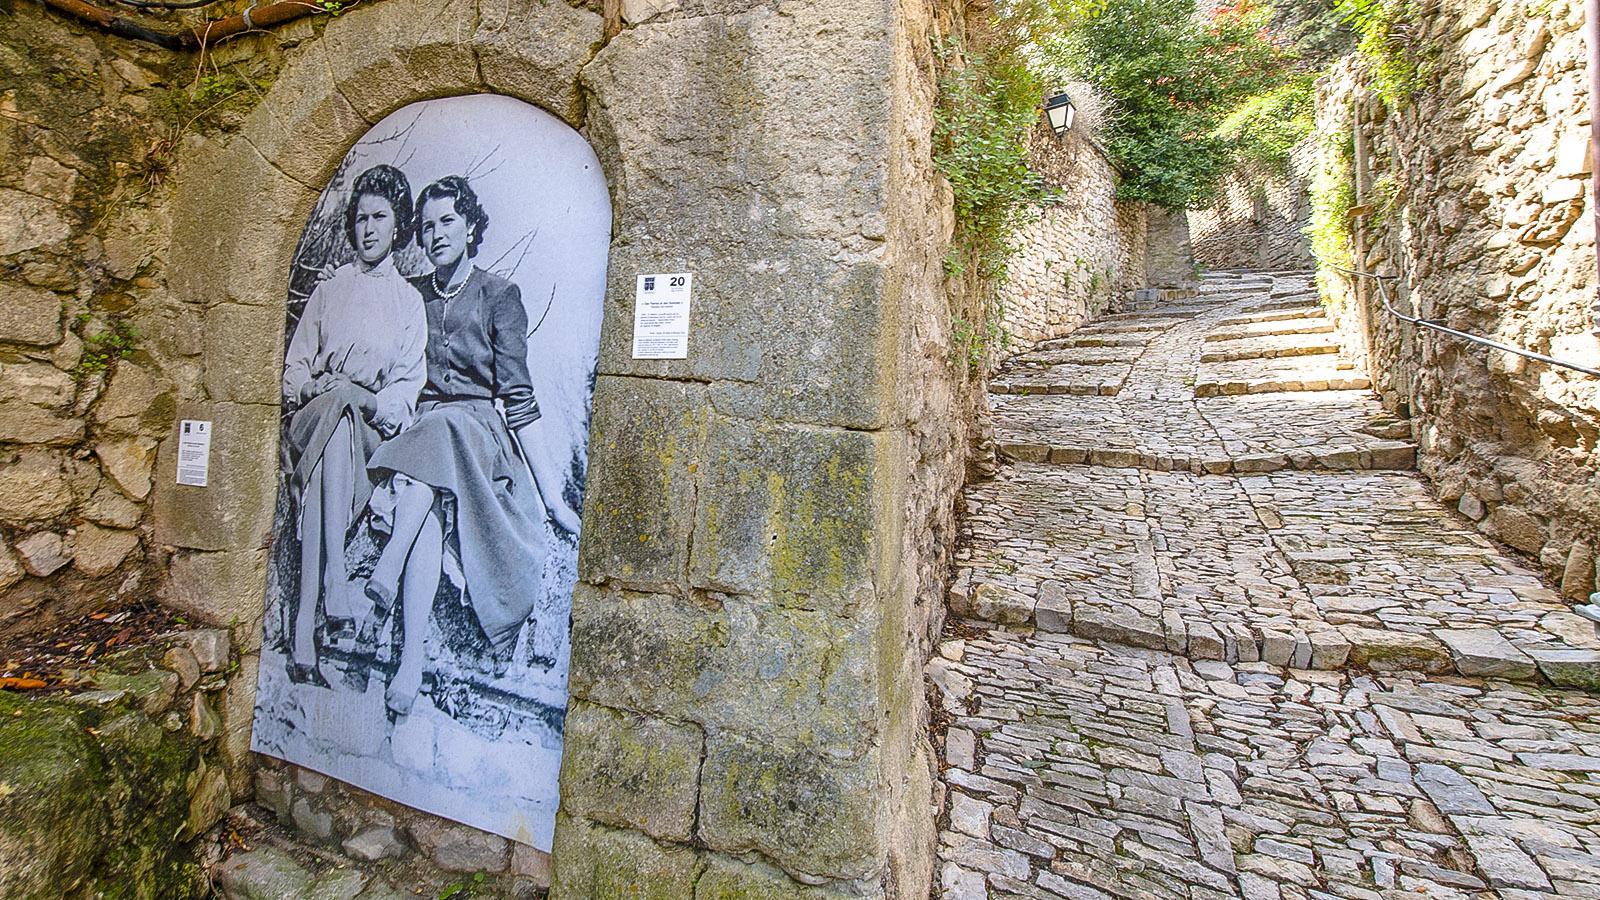 Vaison la Romaine: Fotos zieren die Feldsteinwände der alten Bourg. Foto: Hilke Maunder